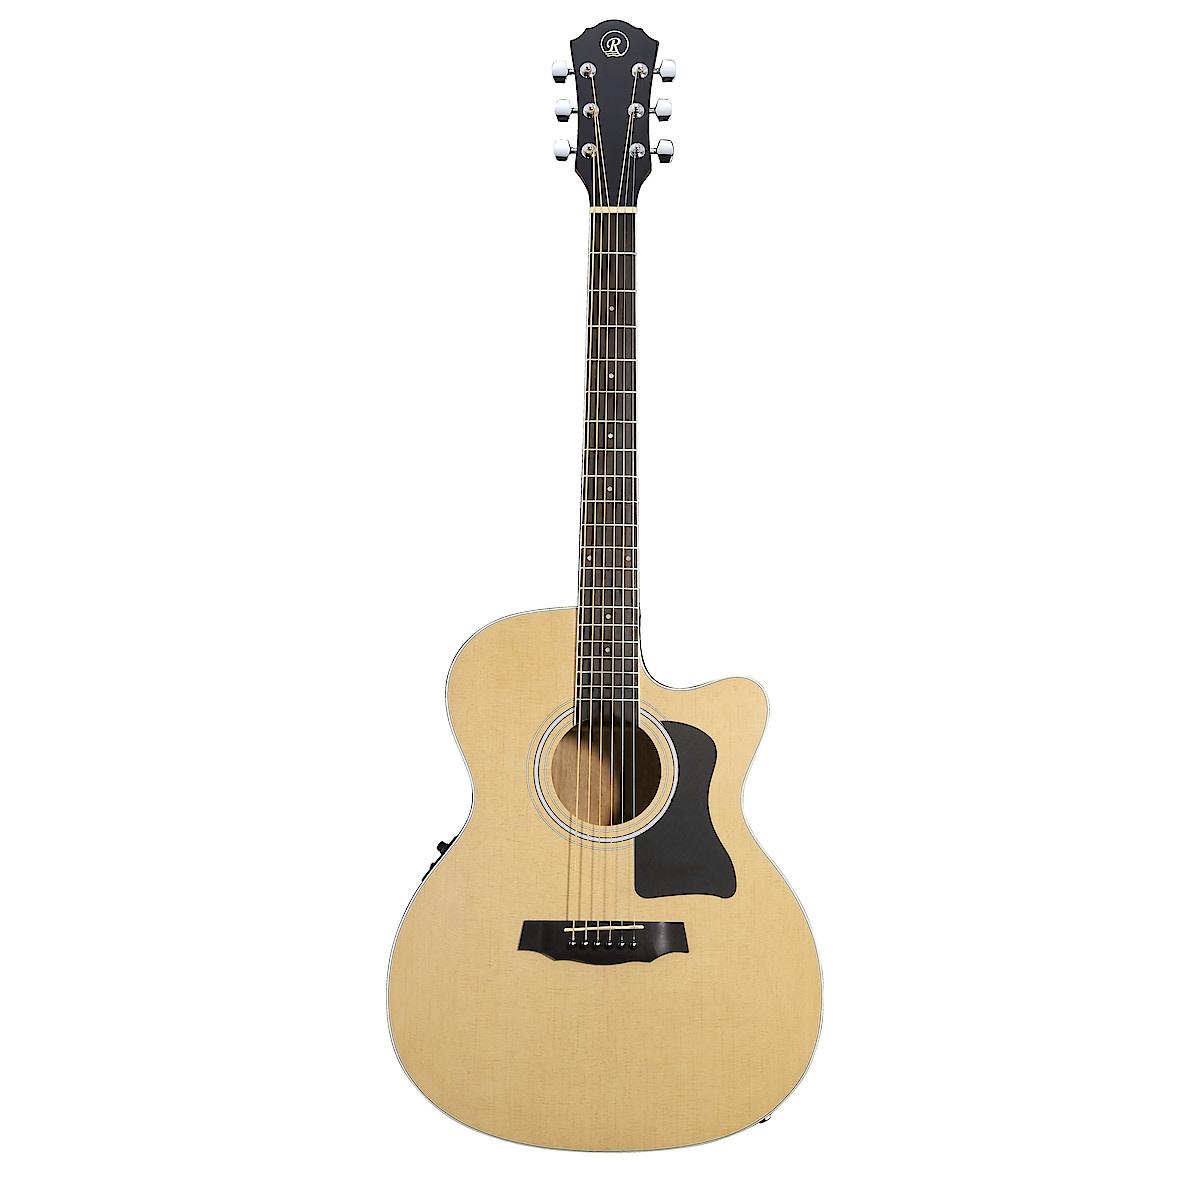 Akustinen kitara, jossa teräskielet ja mikrofoni, Rivertone